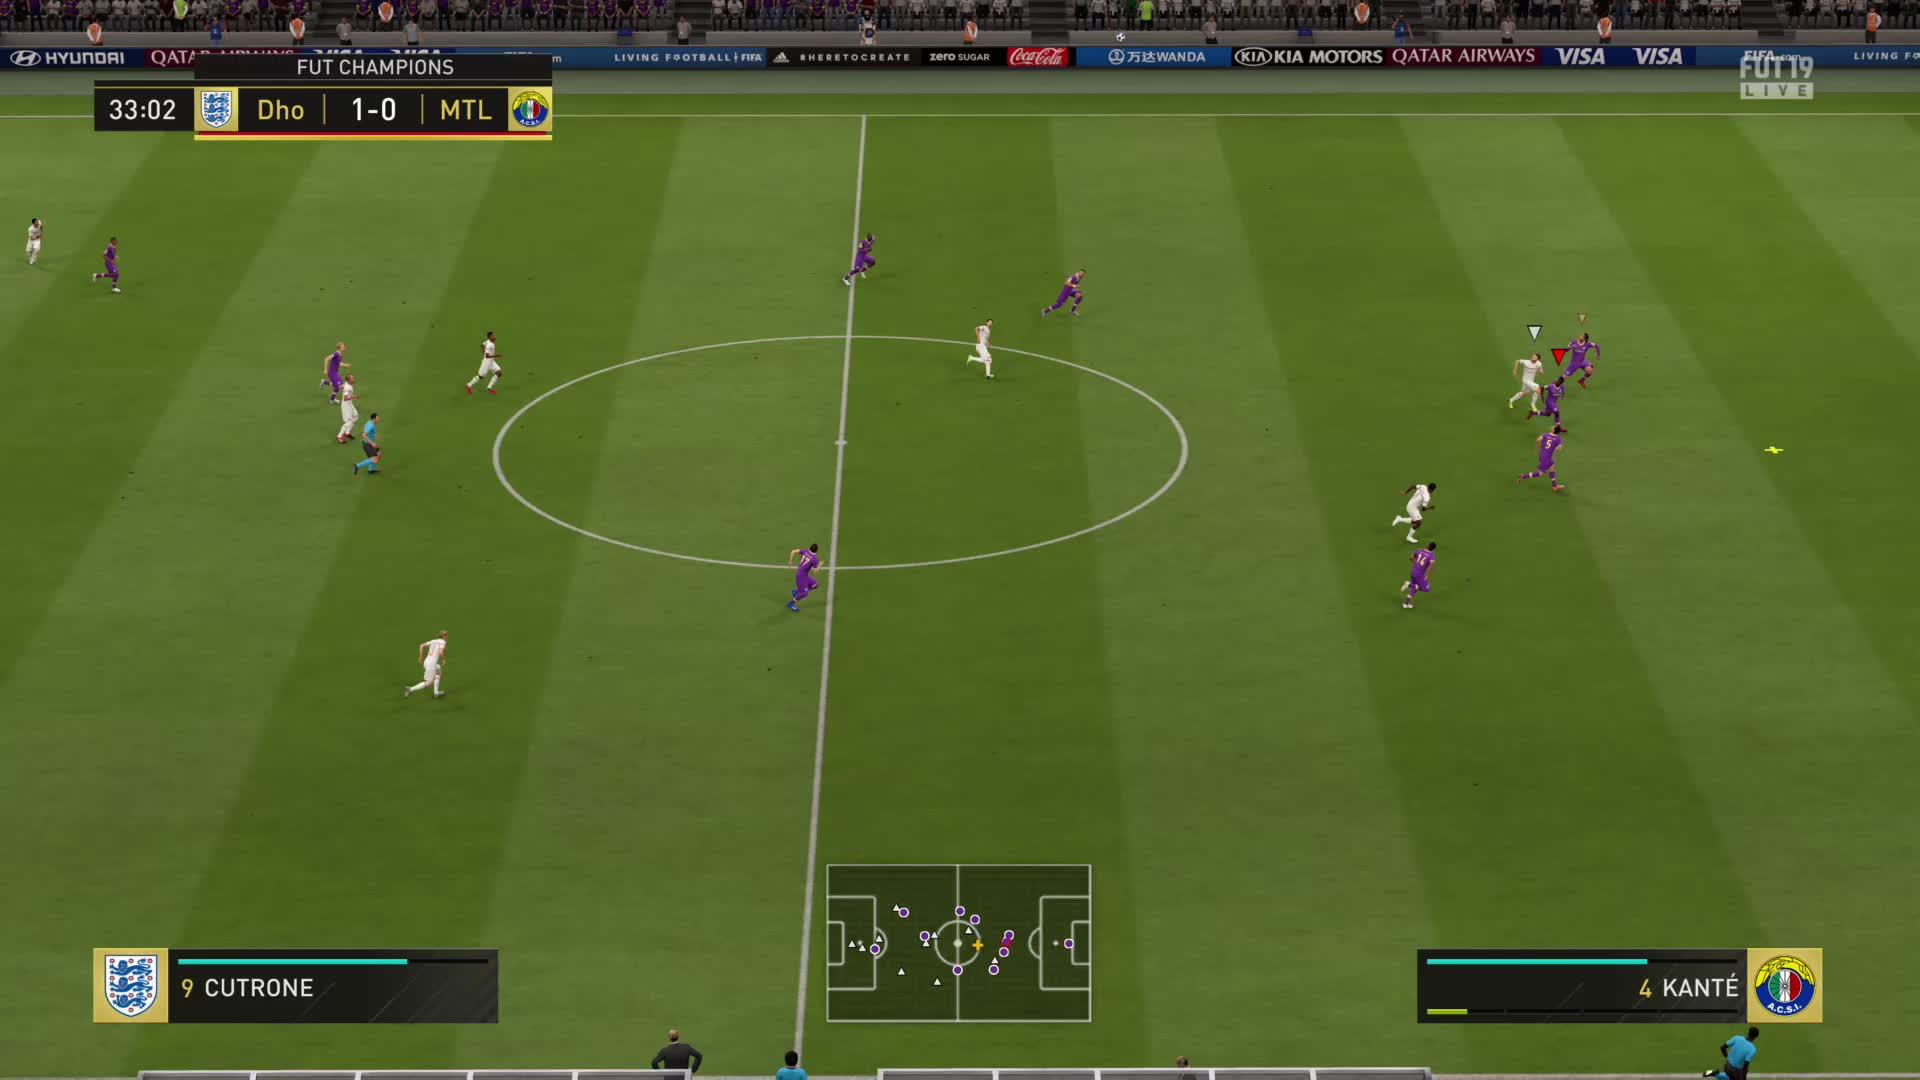 B Ro11z, FIFA19, xbox, xbox dvr, xbox one, SMH GIFs